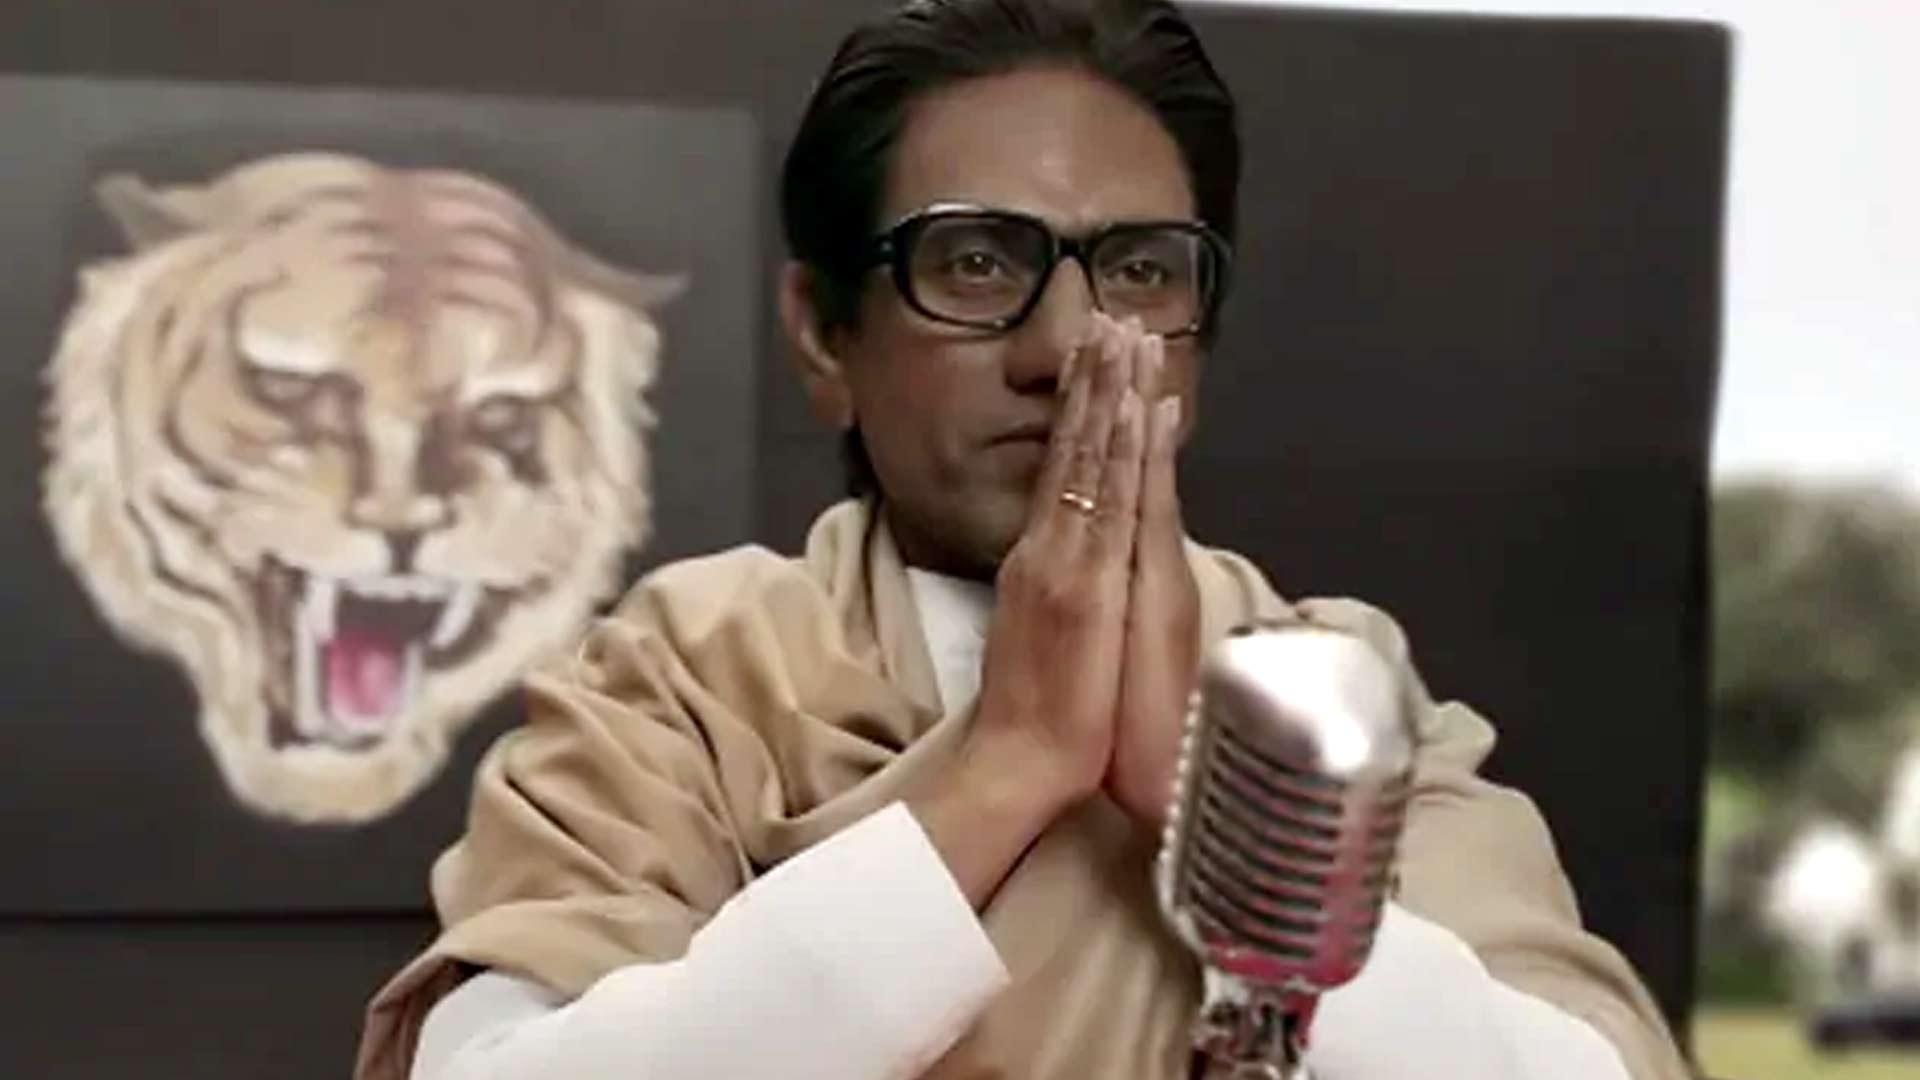 'ठाकरे' पर शिवसेना सांसद संजय राउत का बयान, 'बालासाहेब का कद हमेशा राजनीति से ऊपर रहा'